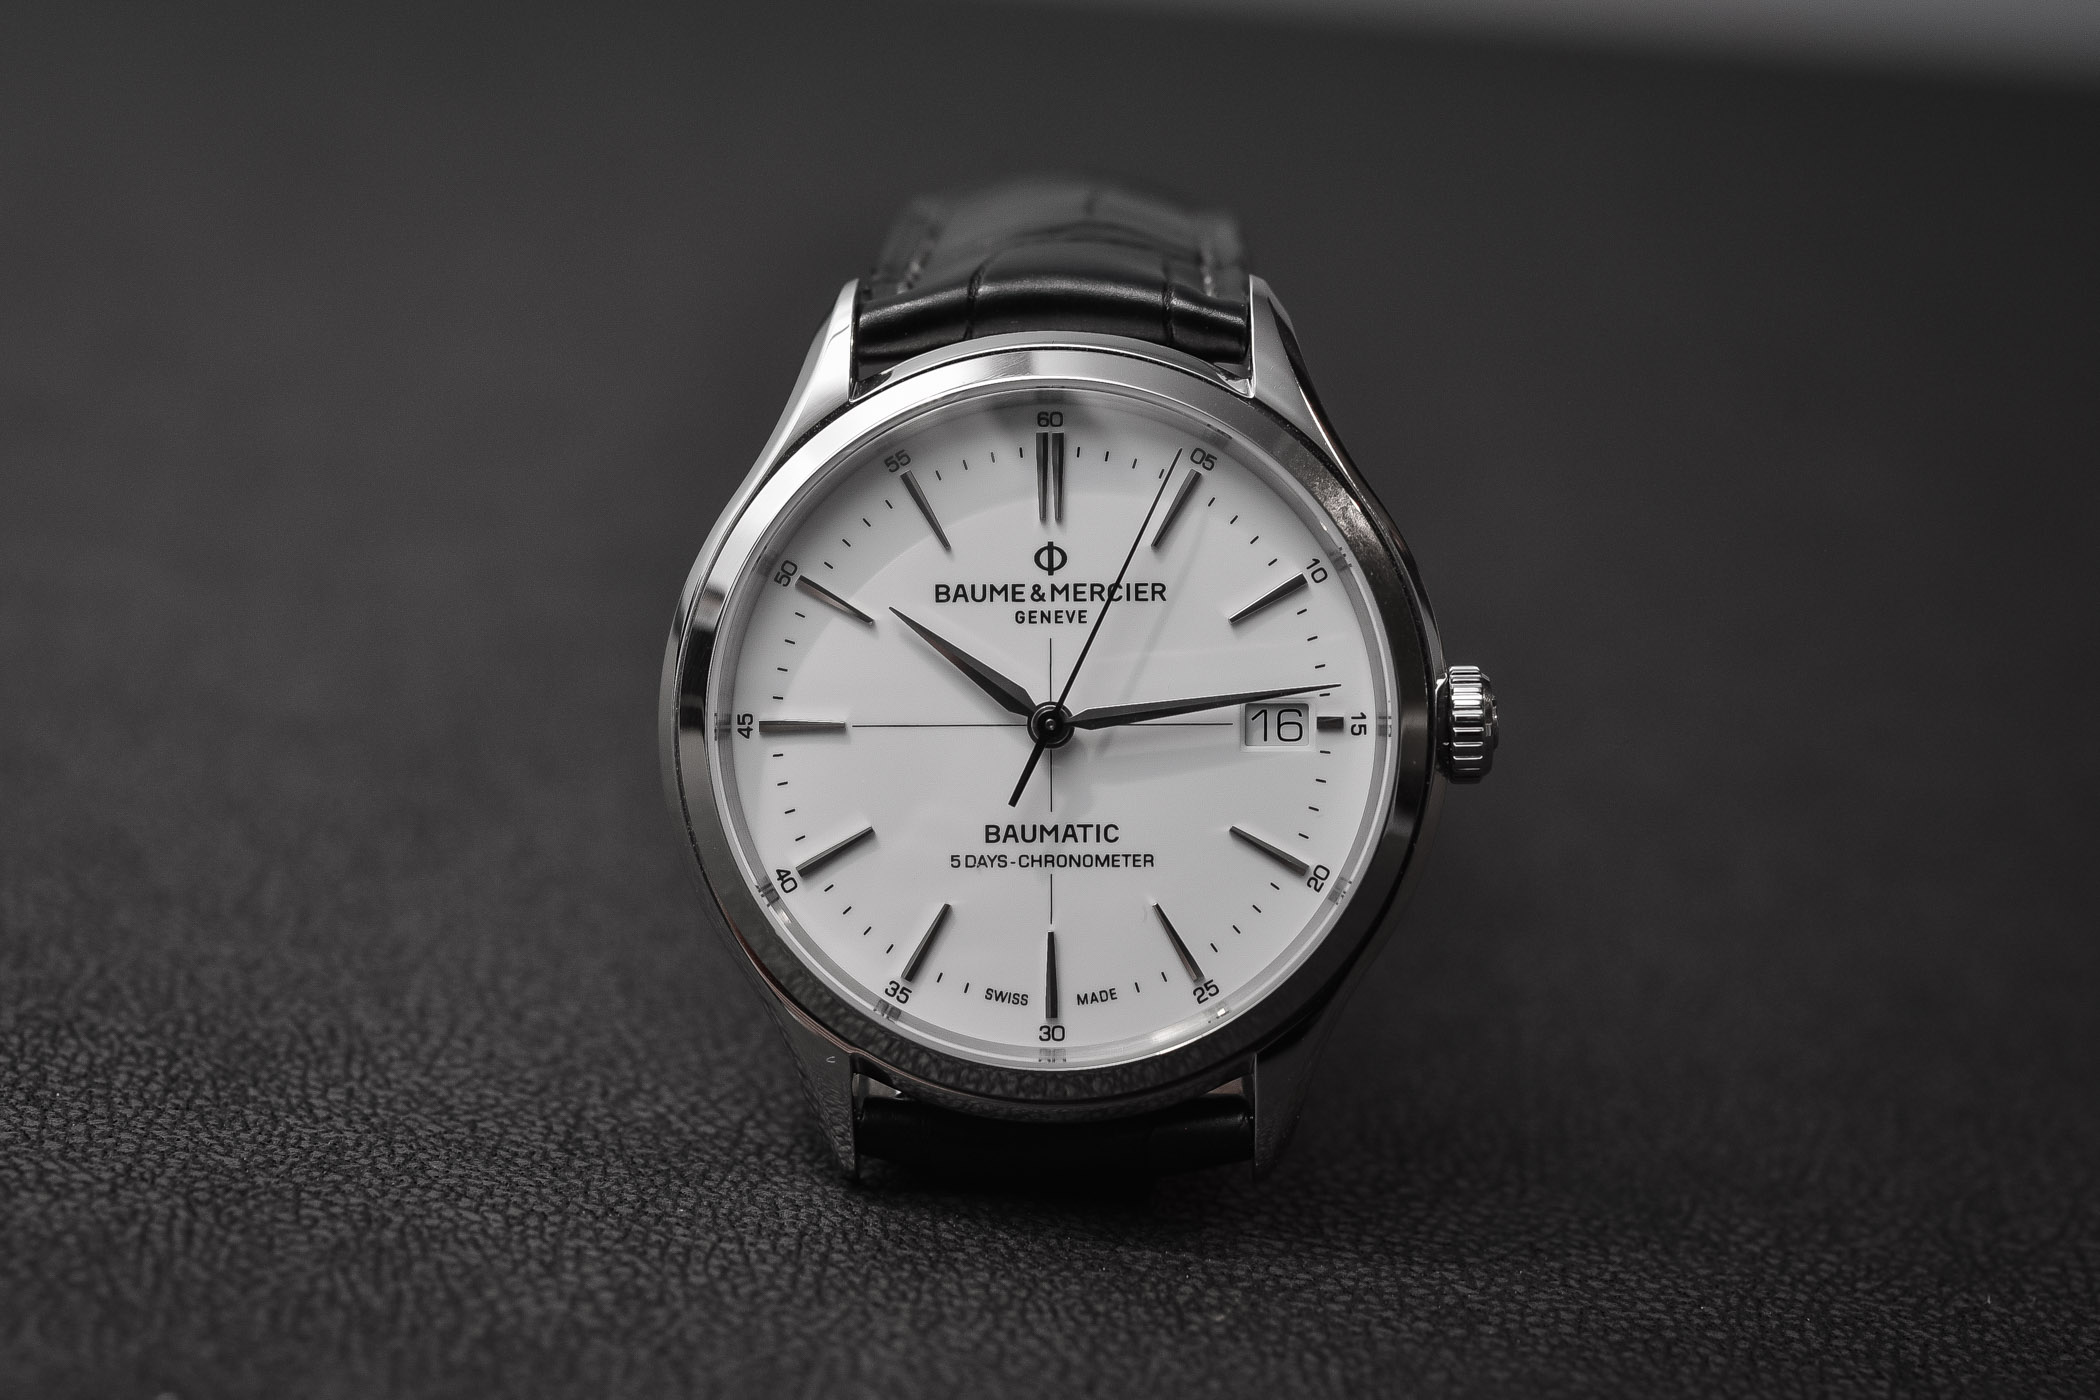 Baume Mercier Clifton Baumatic Chronometer - SIHH 2018